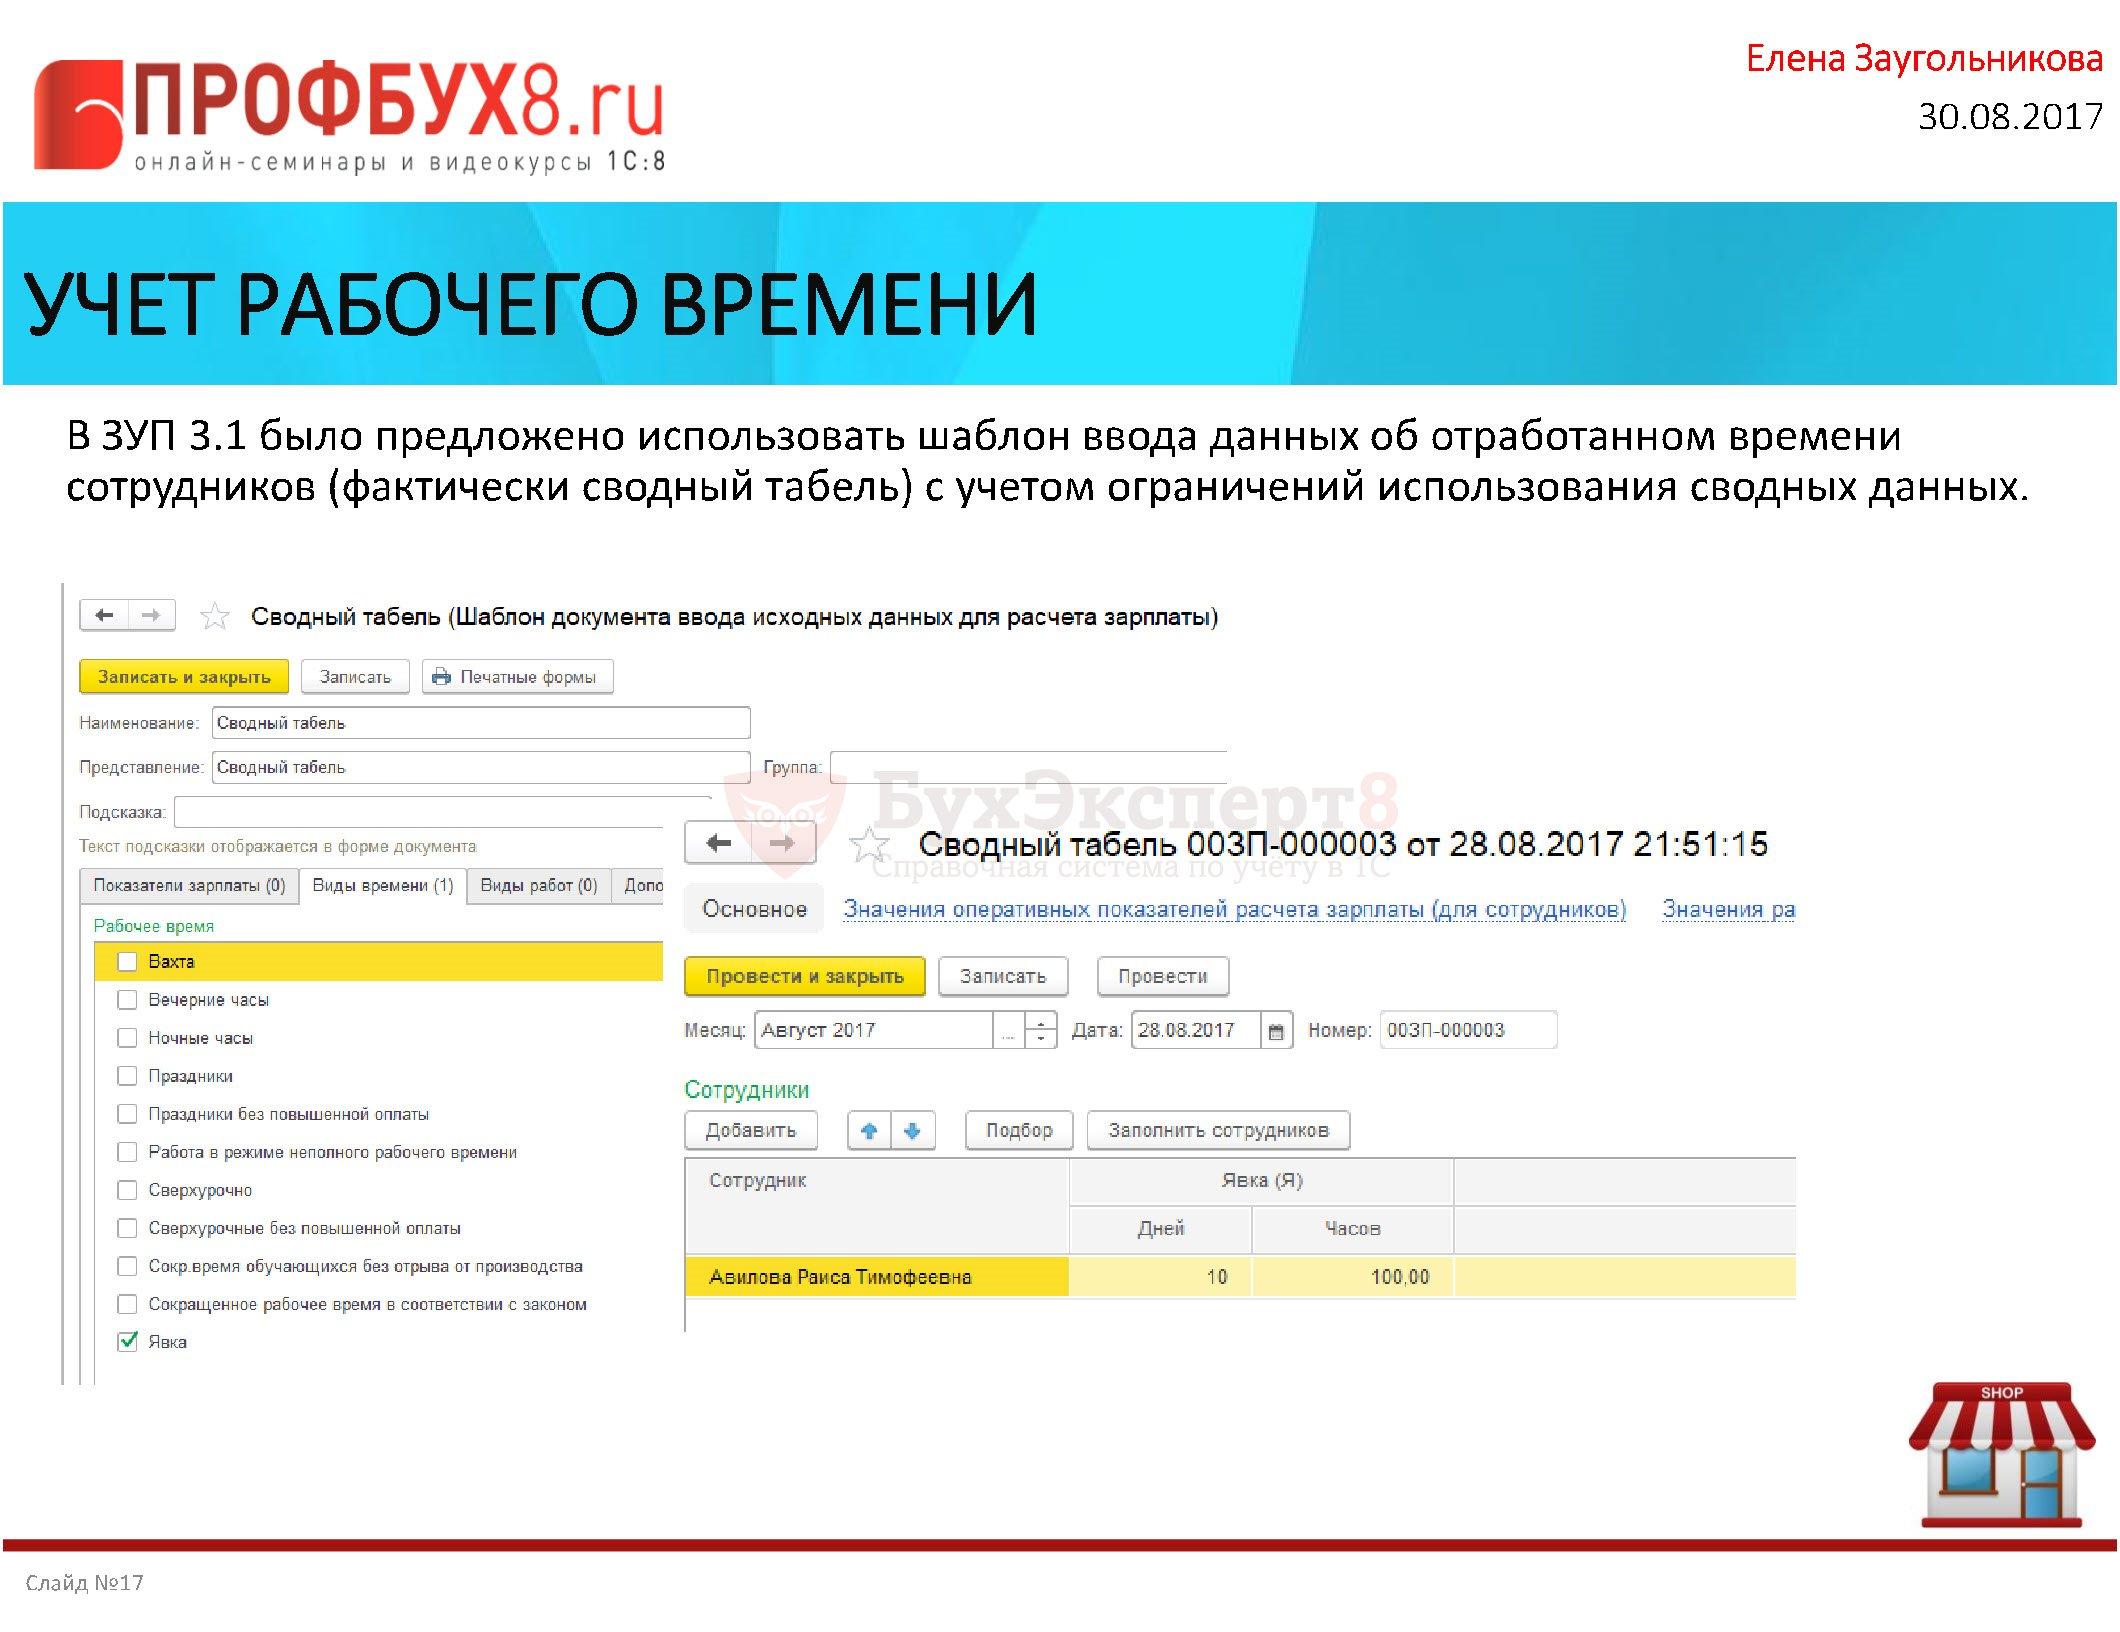 УЧЕТ РАБОЧЕГО ВРЕМЕНИ В ЗУП 3.1 было предложено использовать шаблон ввода данных об отработанном времени сотрудников (фактически сводный табель) с учетом ограничений использования сводных данных.